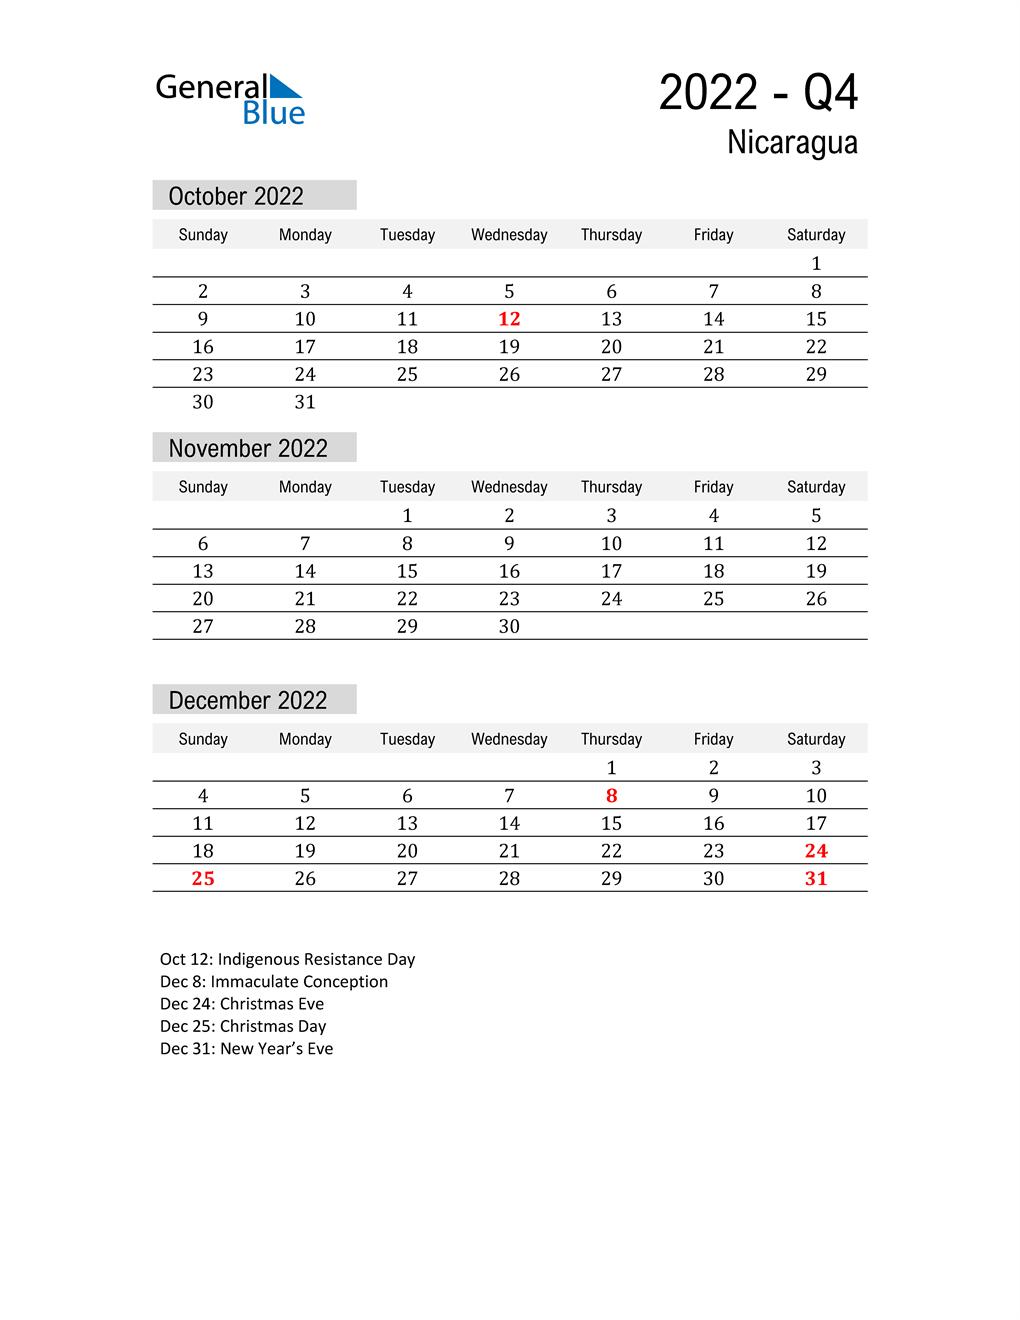 Nicaragua Quarter 4 2022 Calendar